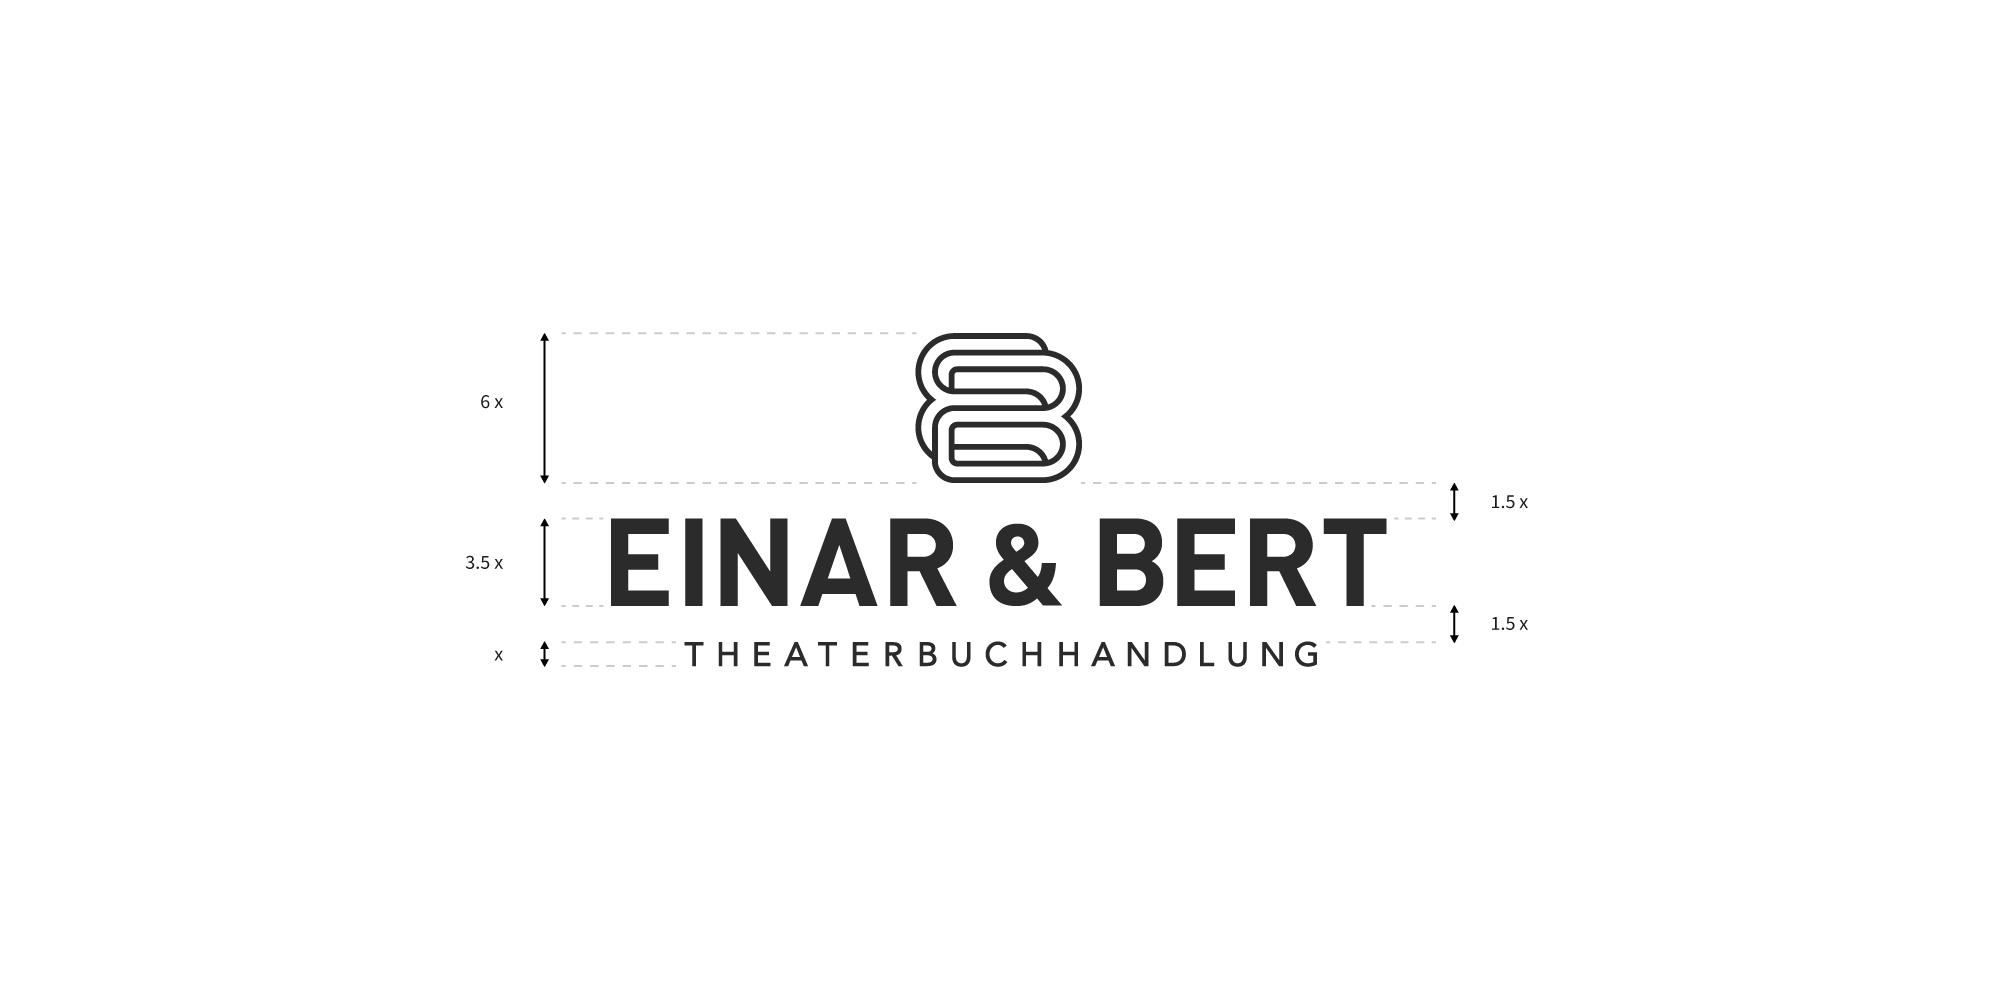 einar-und-bert-logo02